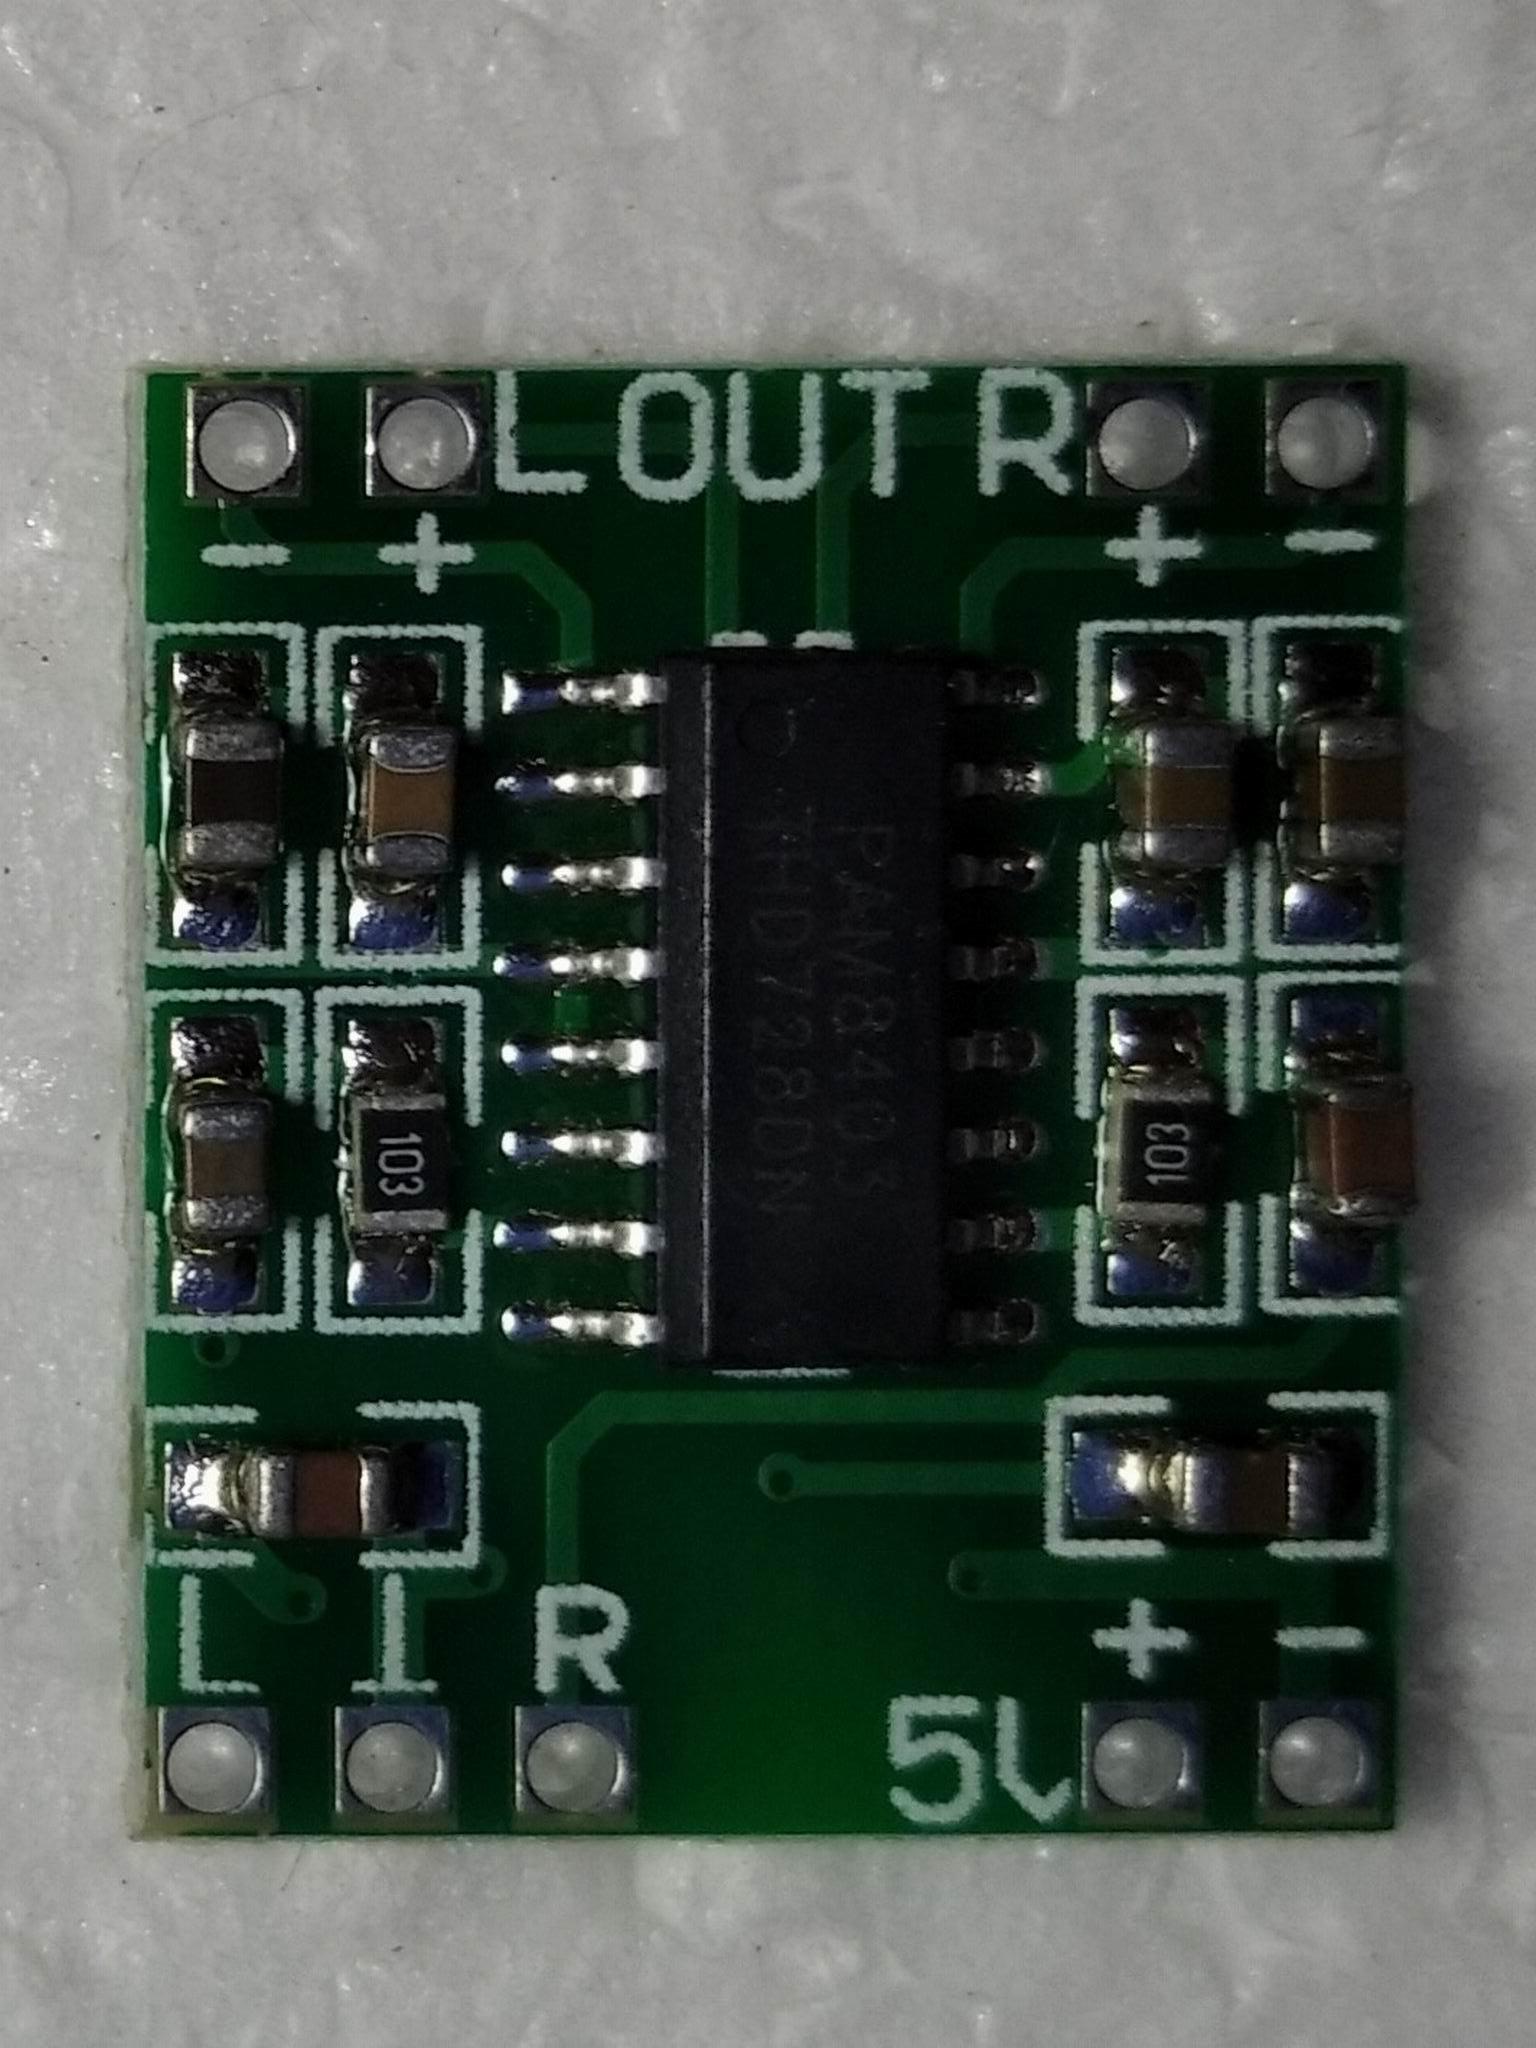 pam8403 без регулятора громкости